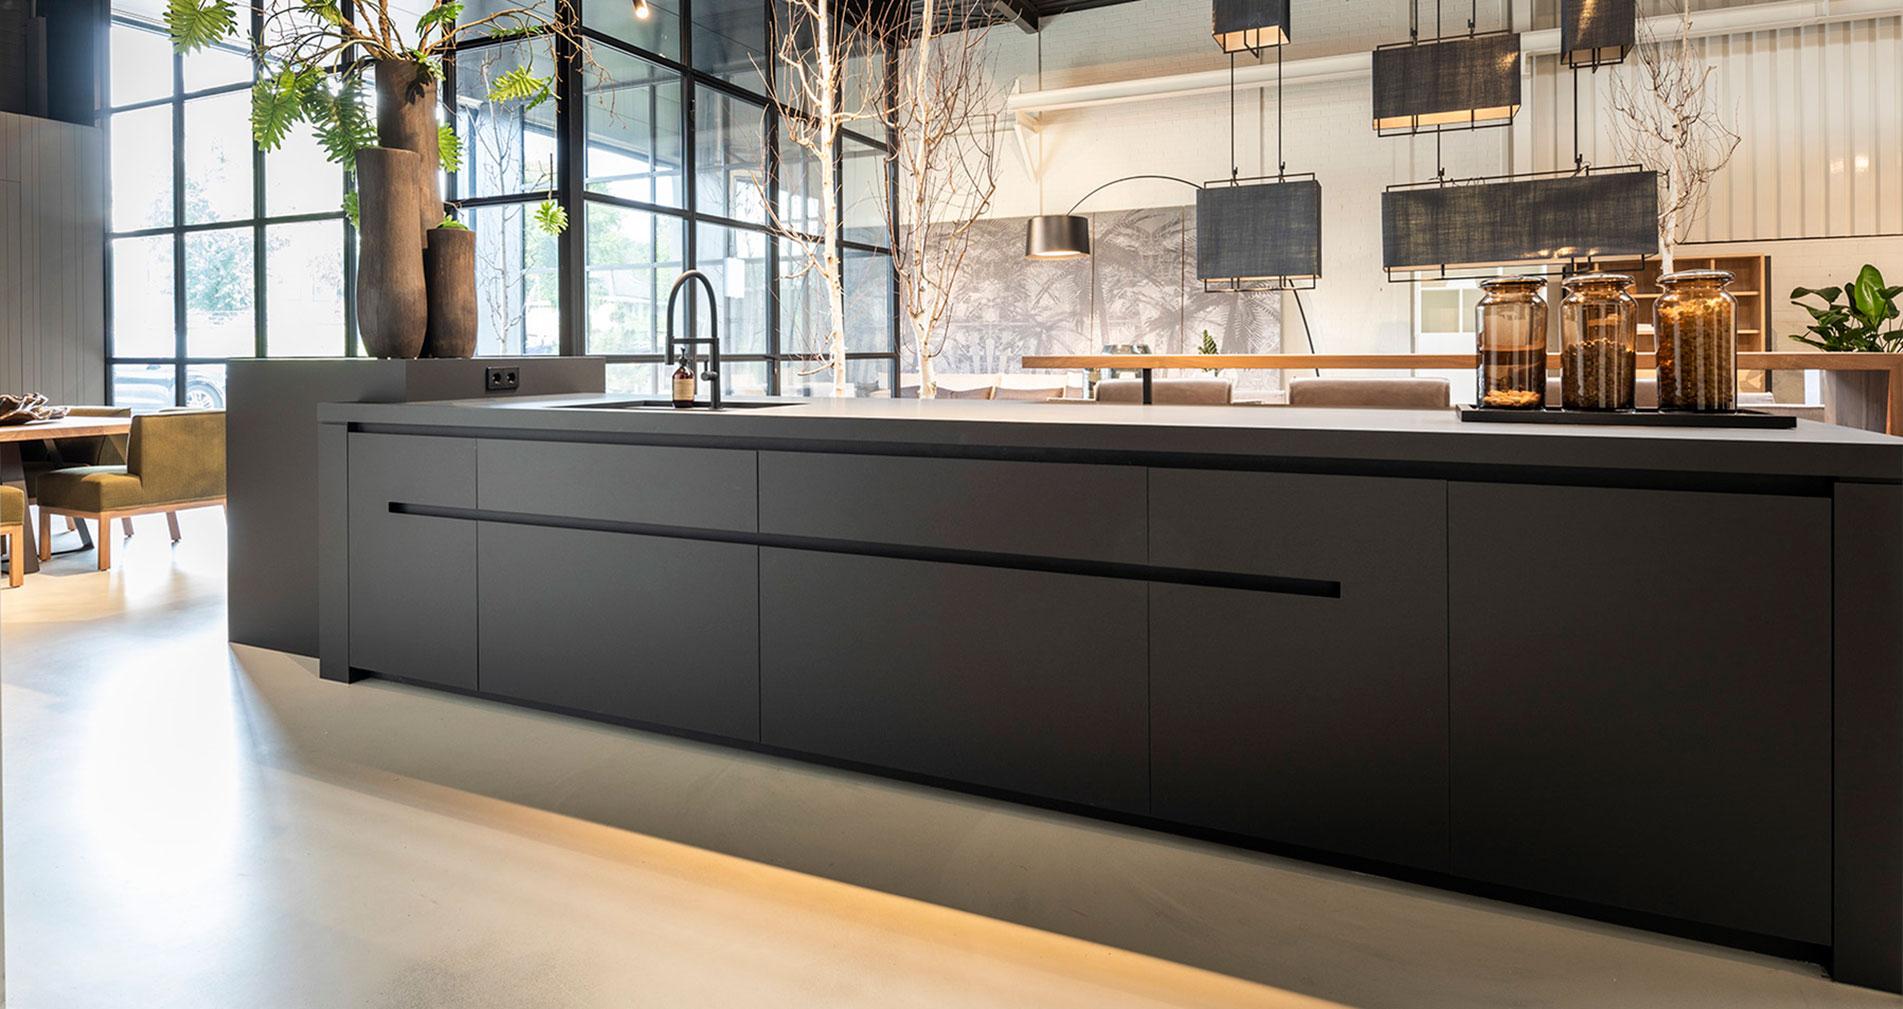 Luxe keuken, maatwerk keuken van B DUTCH. Tijdloze keuken, groot kookeiland. Ambachtelijk vakmanschap met een afwerking tot in detail. B DUTCH tijdloze design keuken zwart, antraciet donker grijs.